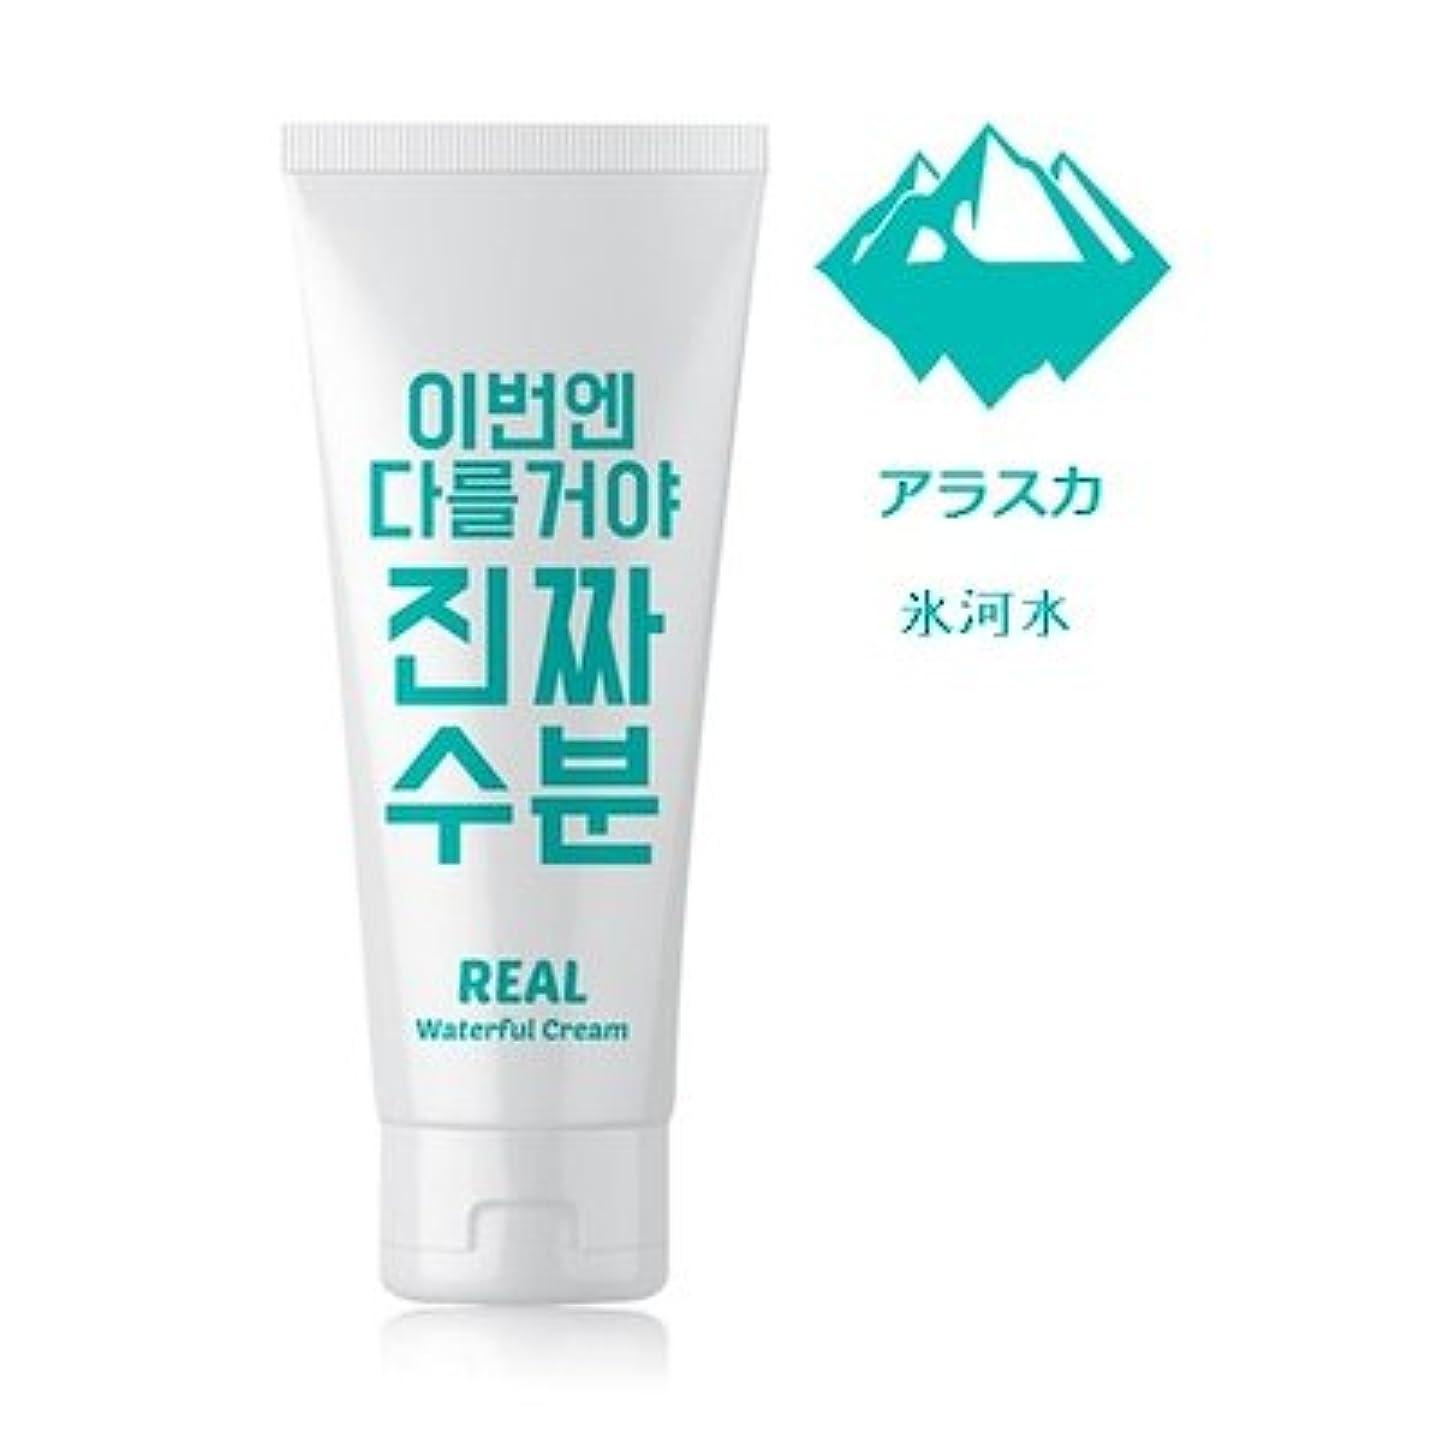 ラケットモール気づかないJaminkyung Real Waterful Cream/孜民耕 [ジャミンギョン] 今度は違うぞ本当の水分クリーム 200ml [並行輸入品]